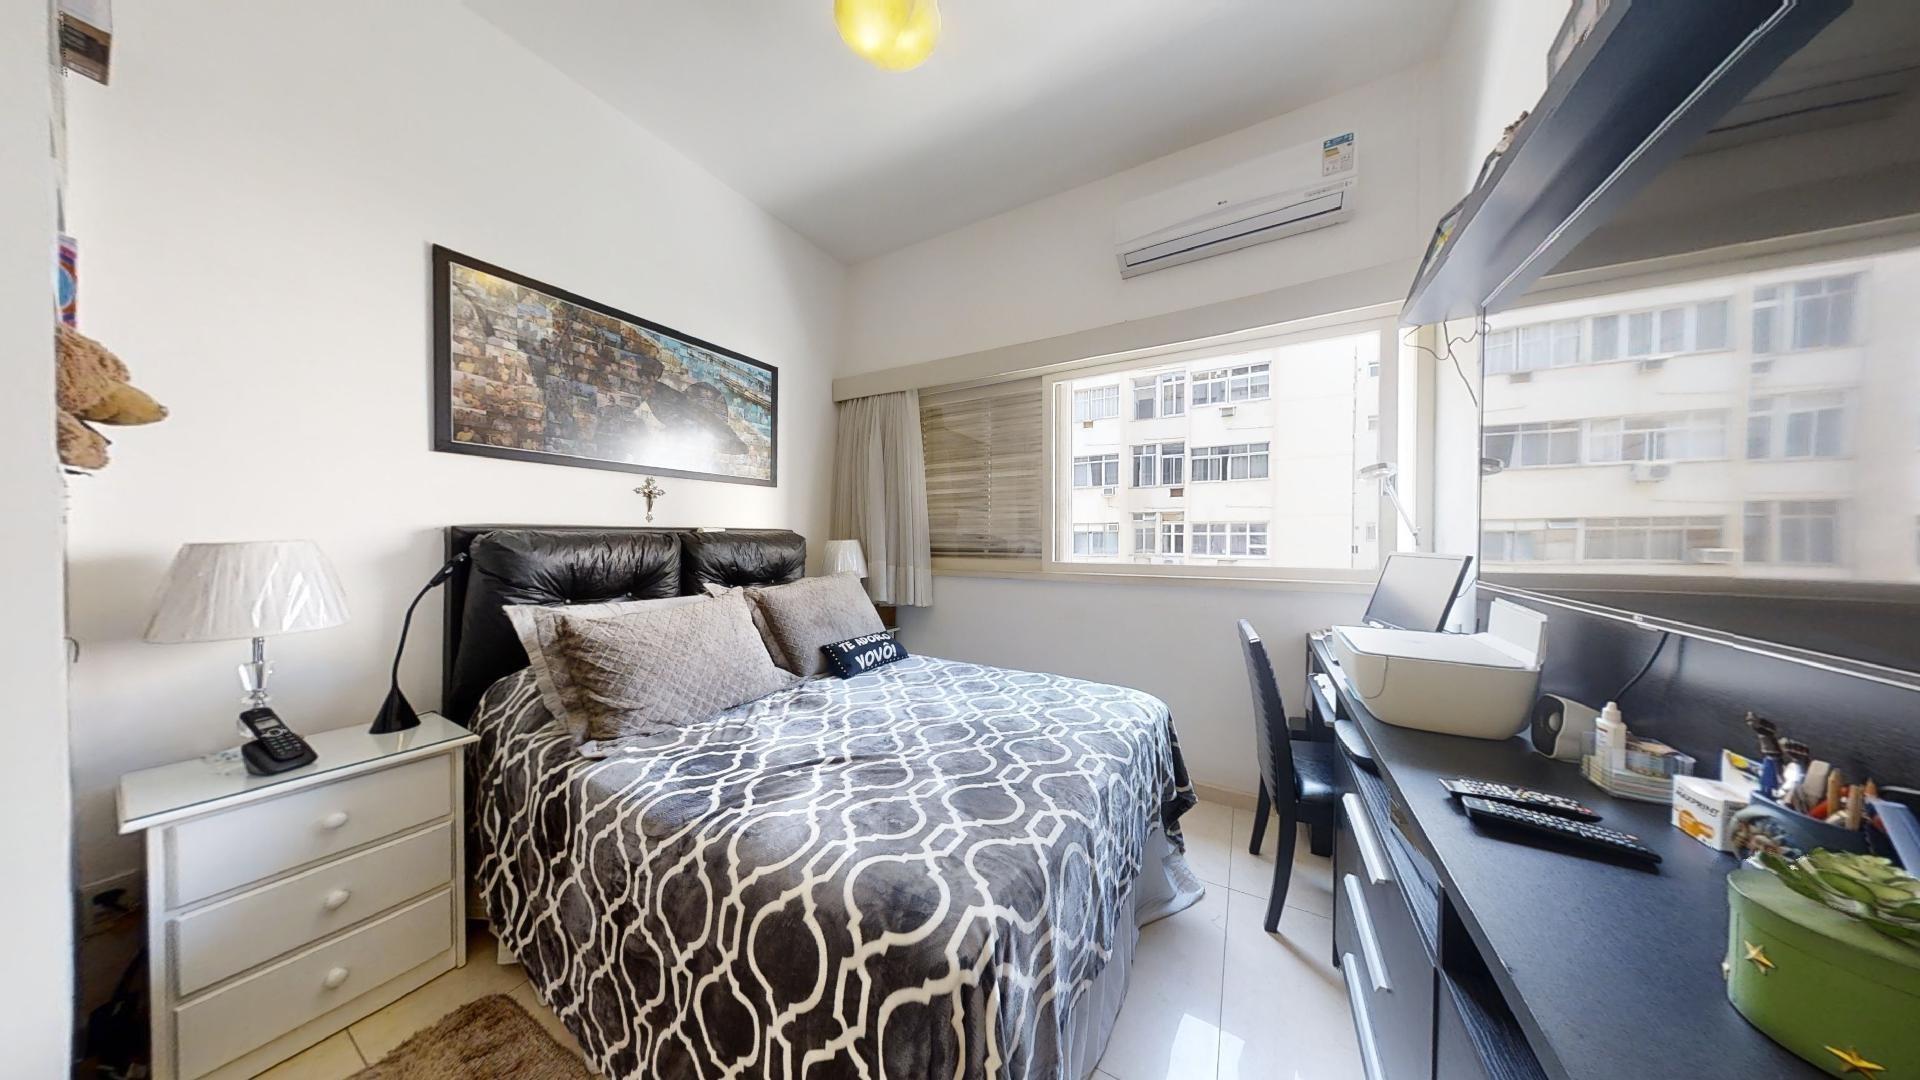 Foto de Quarto com cama, controle remoto, cadeira